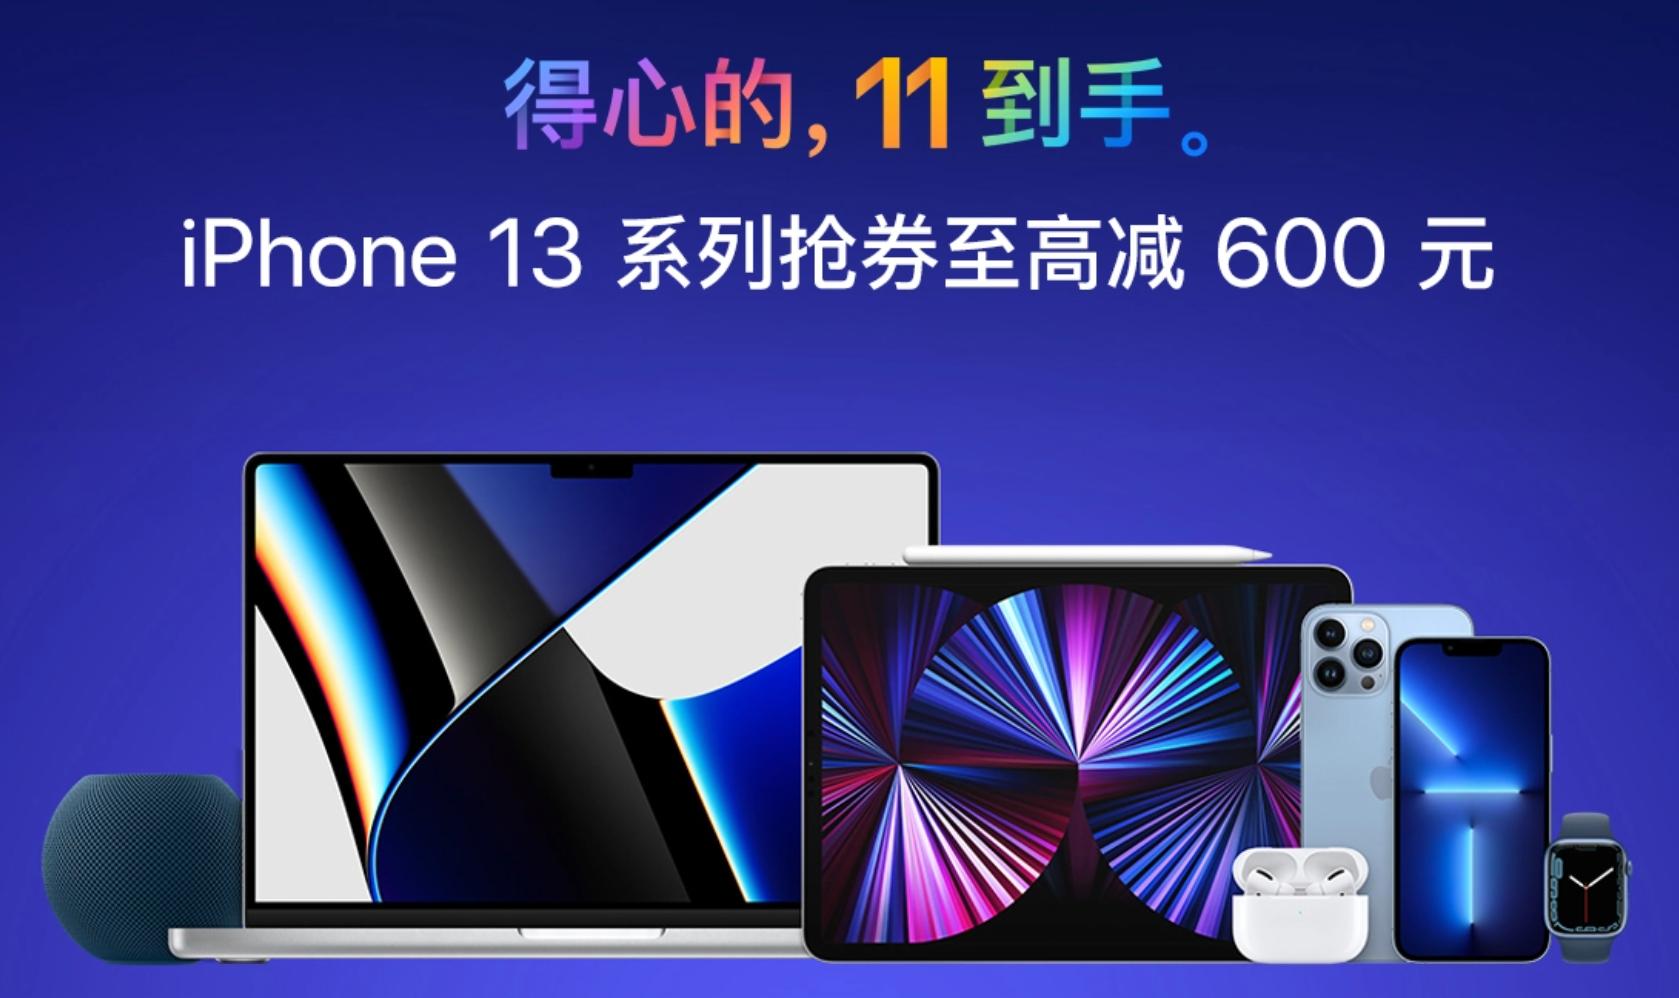 苹果iPhone 13降价:电商巨头提前开战